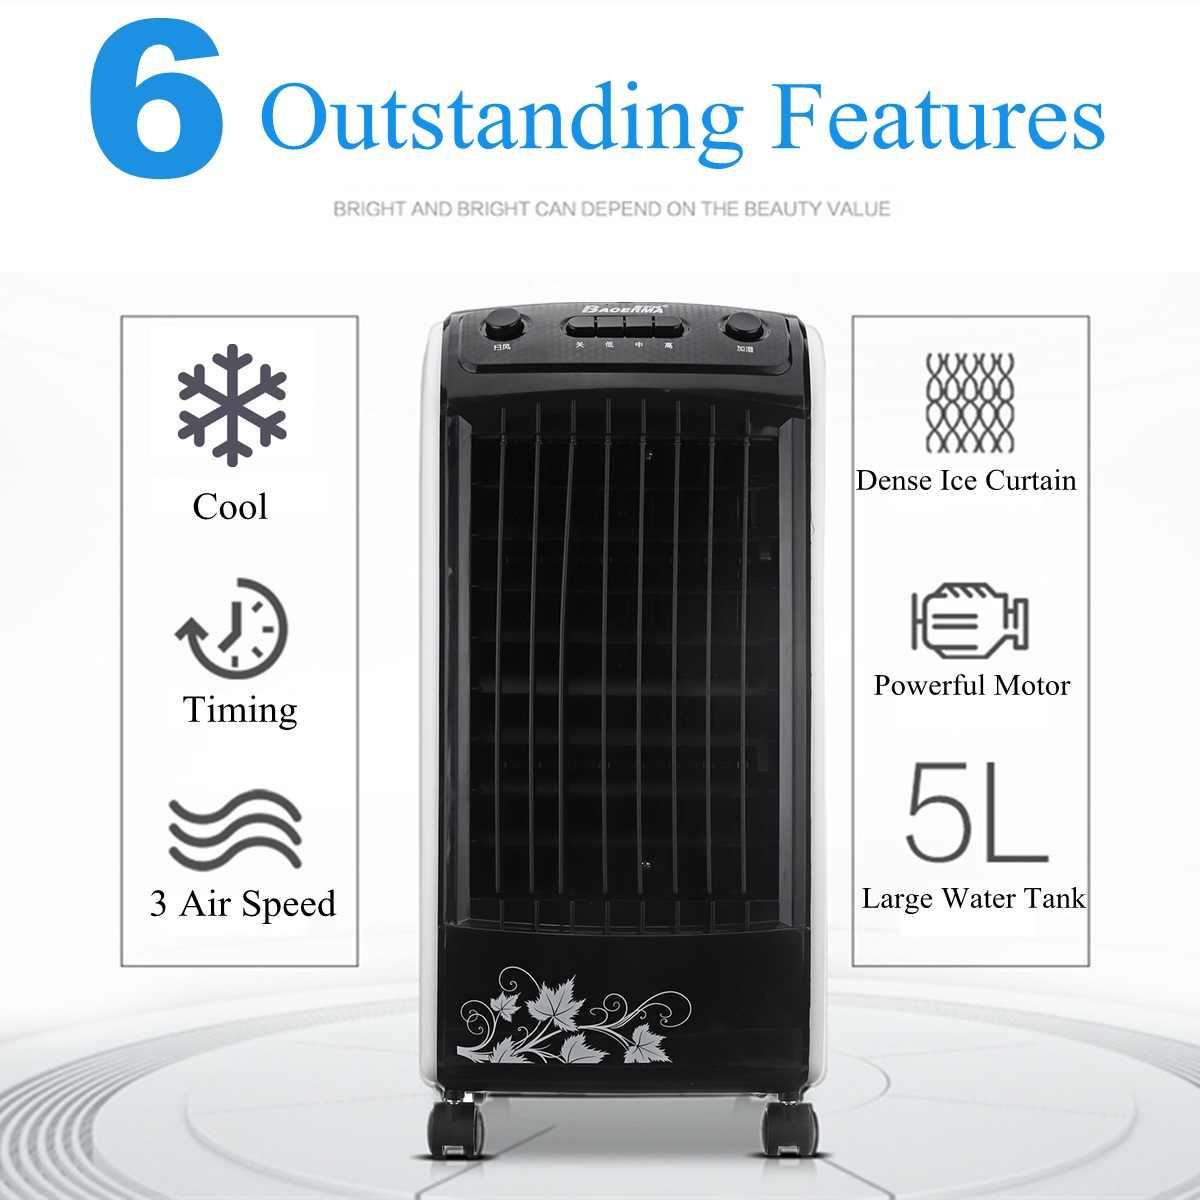 Warmtoo climatiseur ventilateur humidificateur Portable maison électrique refroidisseur ventilateur climatisation 5 glace cristal